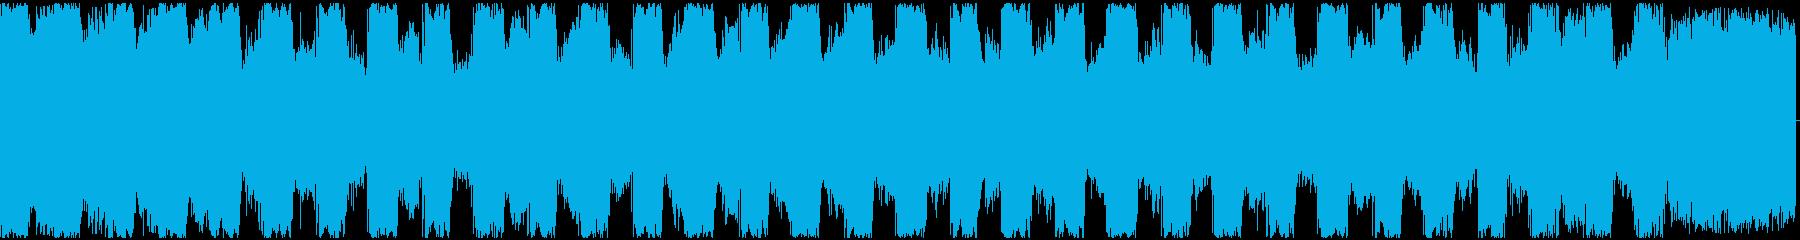 【フューチャーベース】ロング2ジングル4の再生済みの波形